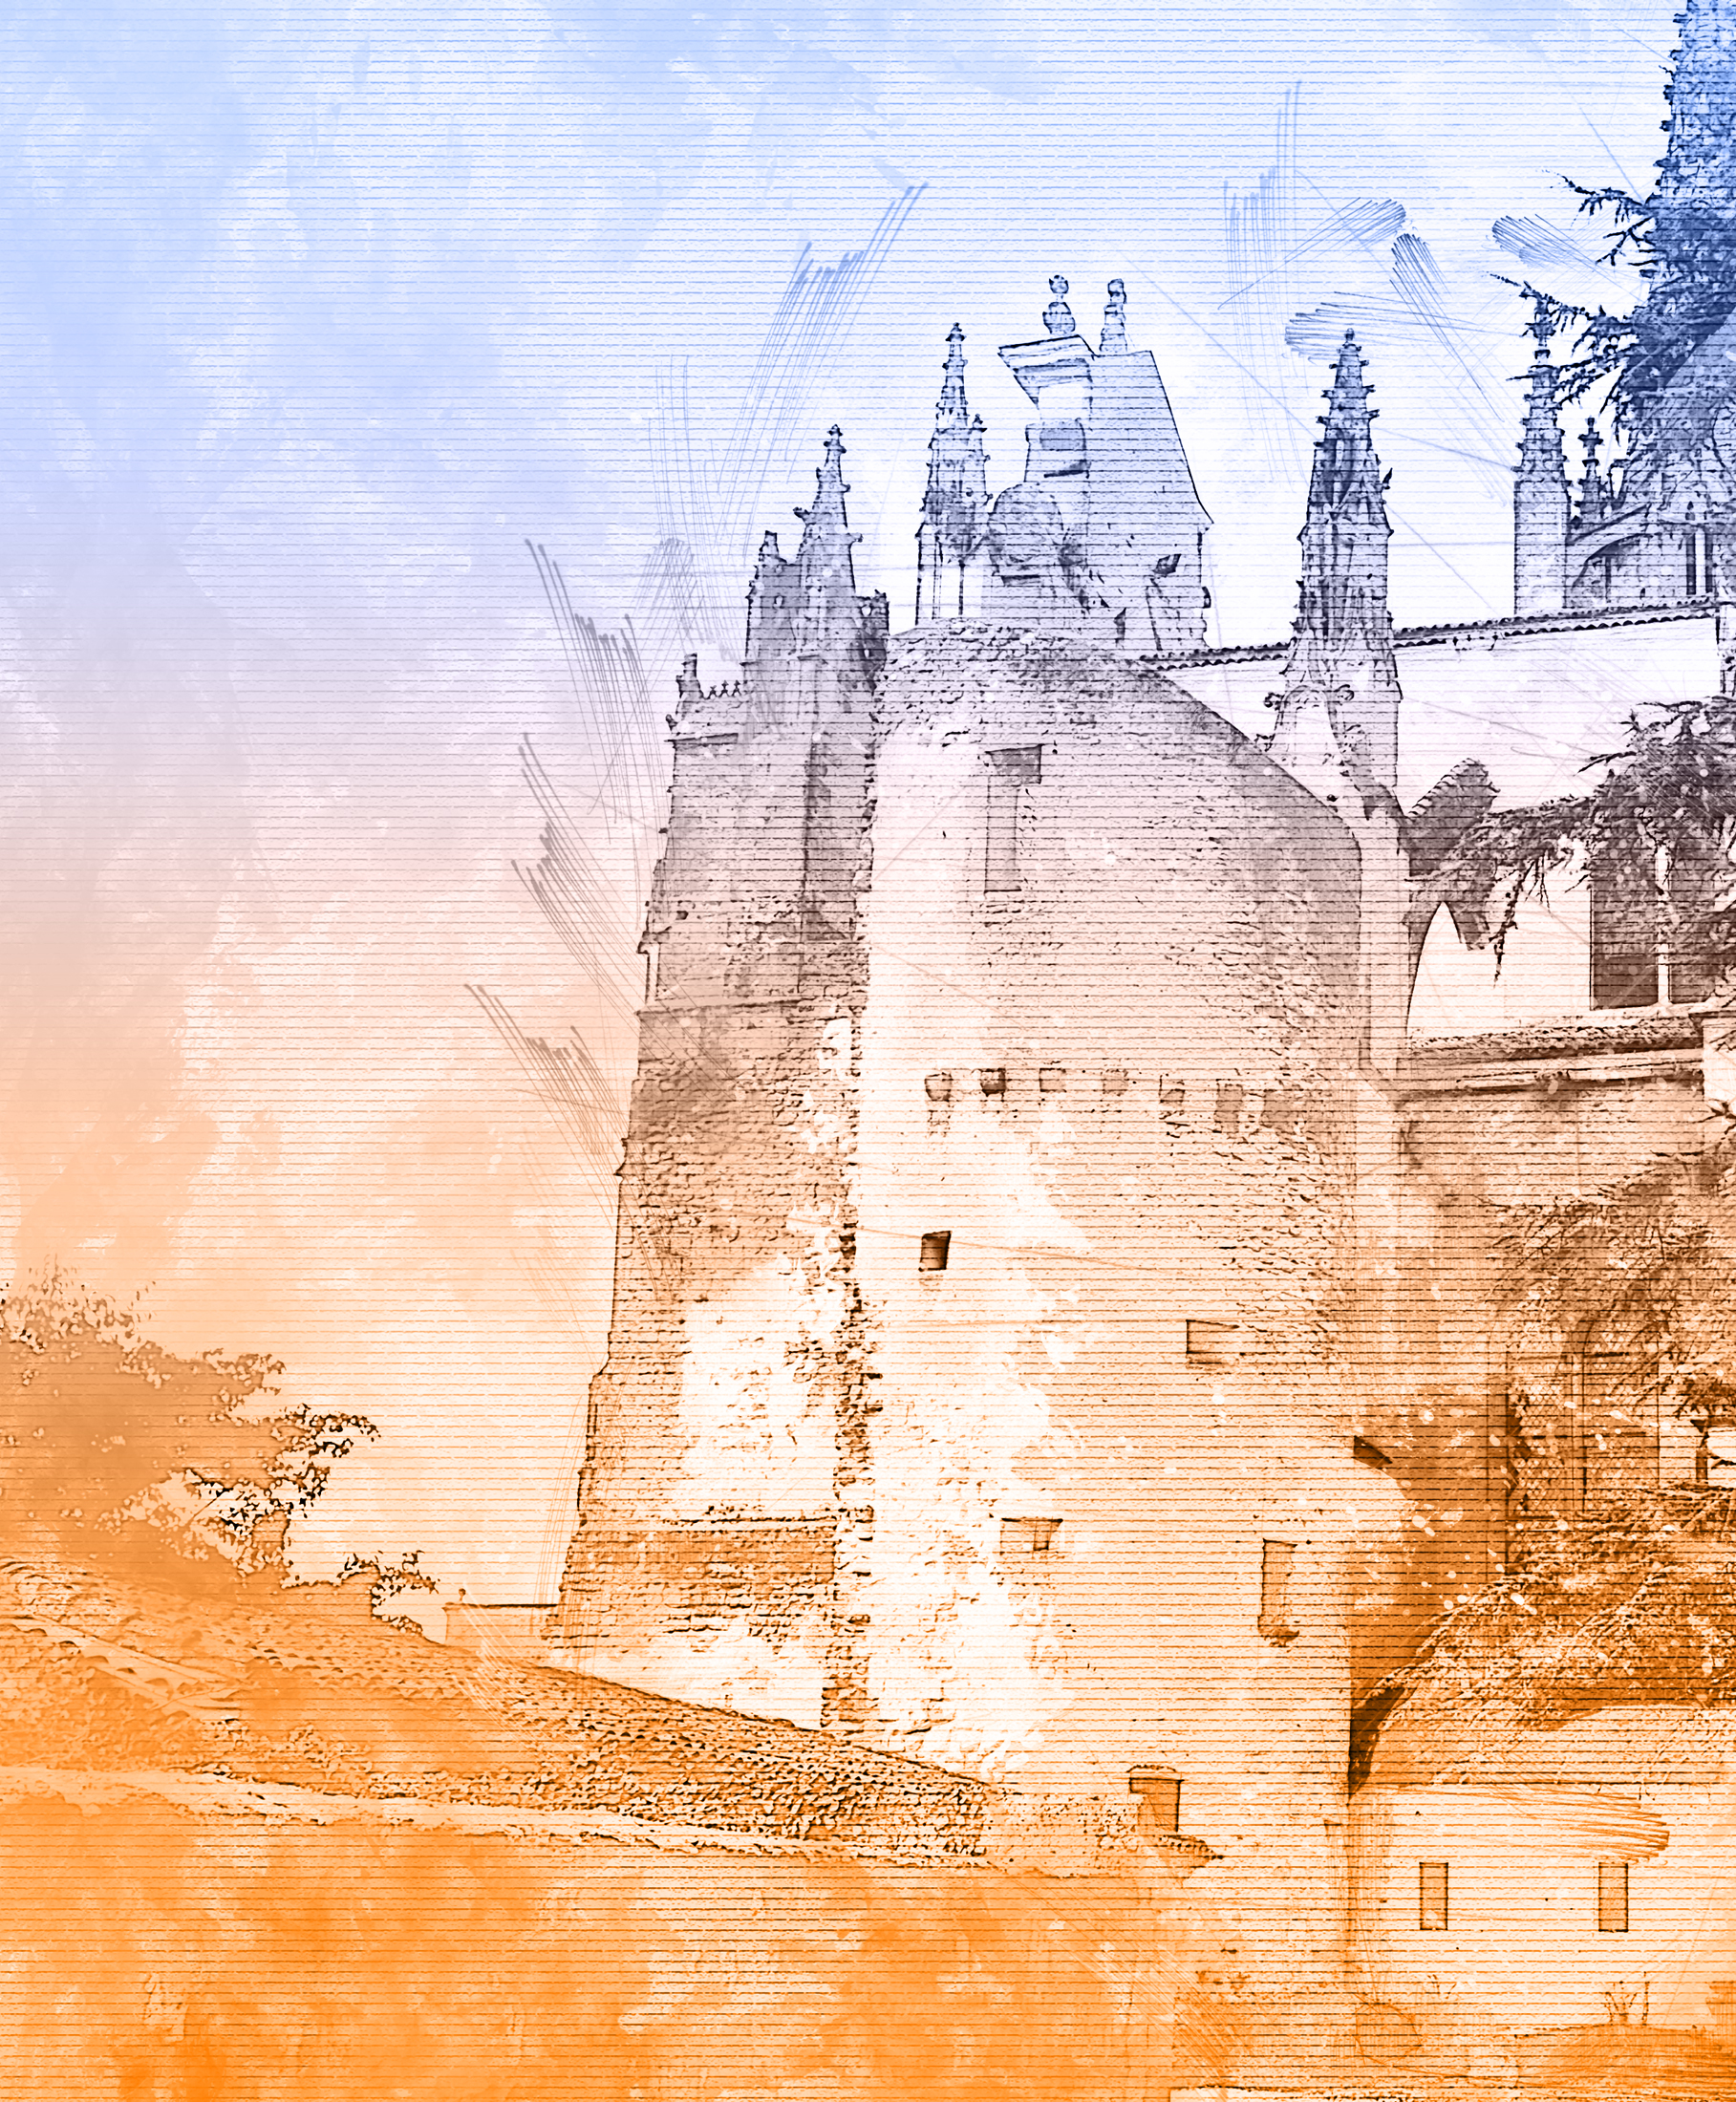 Dessin de la tour latérale de la Cathédrale de Bazas